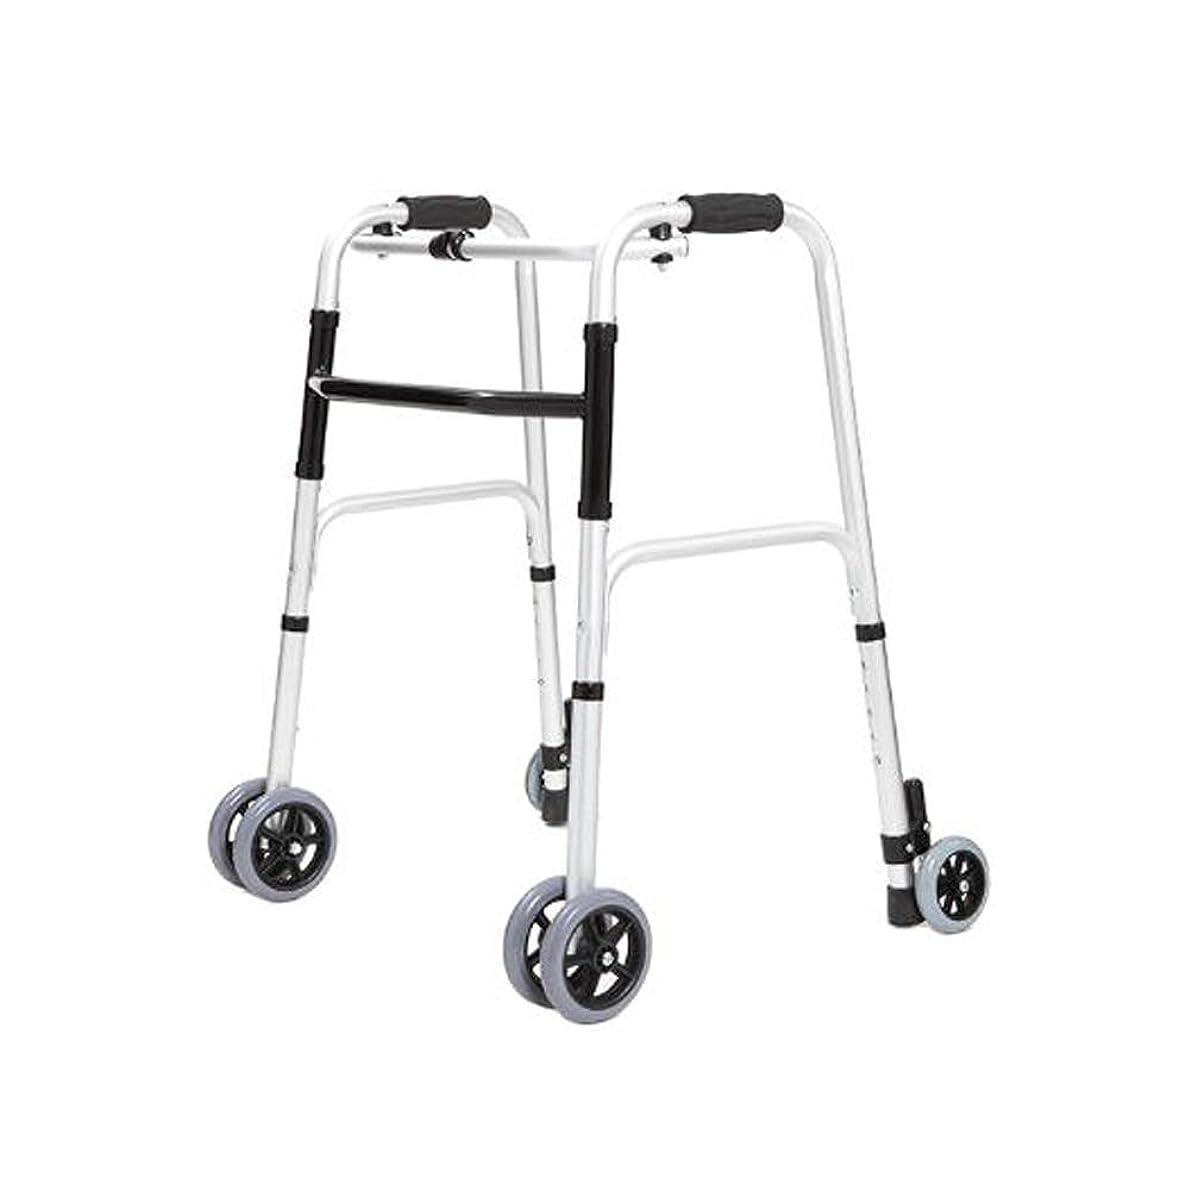 怒りすり減る資本主義[ラオンアチ] 大人のための歩行器 折りたたみ 車輪型歩行器 6輪歩行車 5段の高さ調節可能 [日本語説明書付き] [海外直送品]